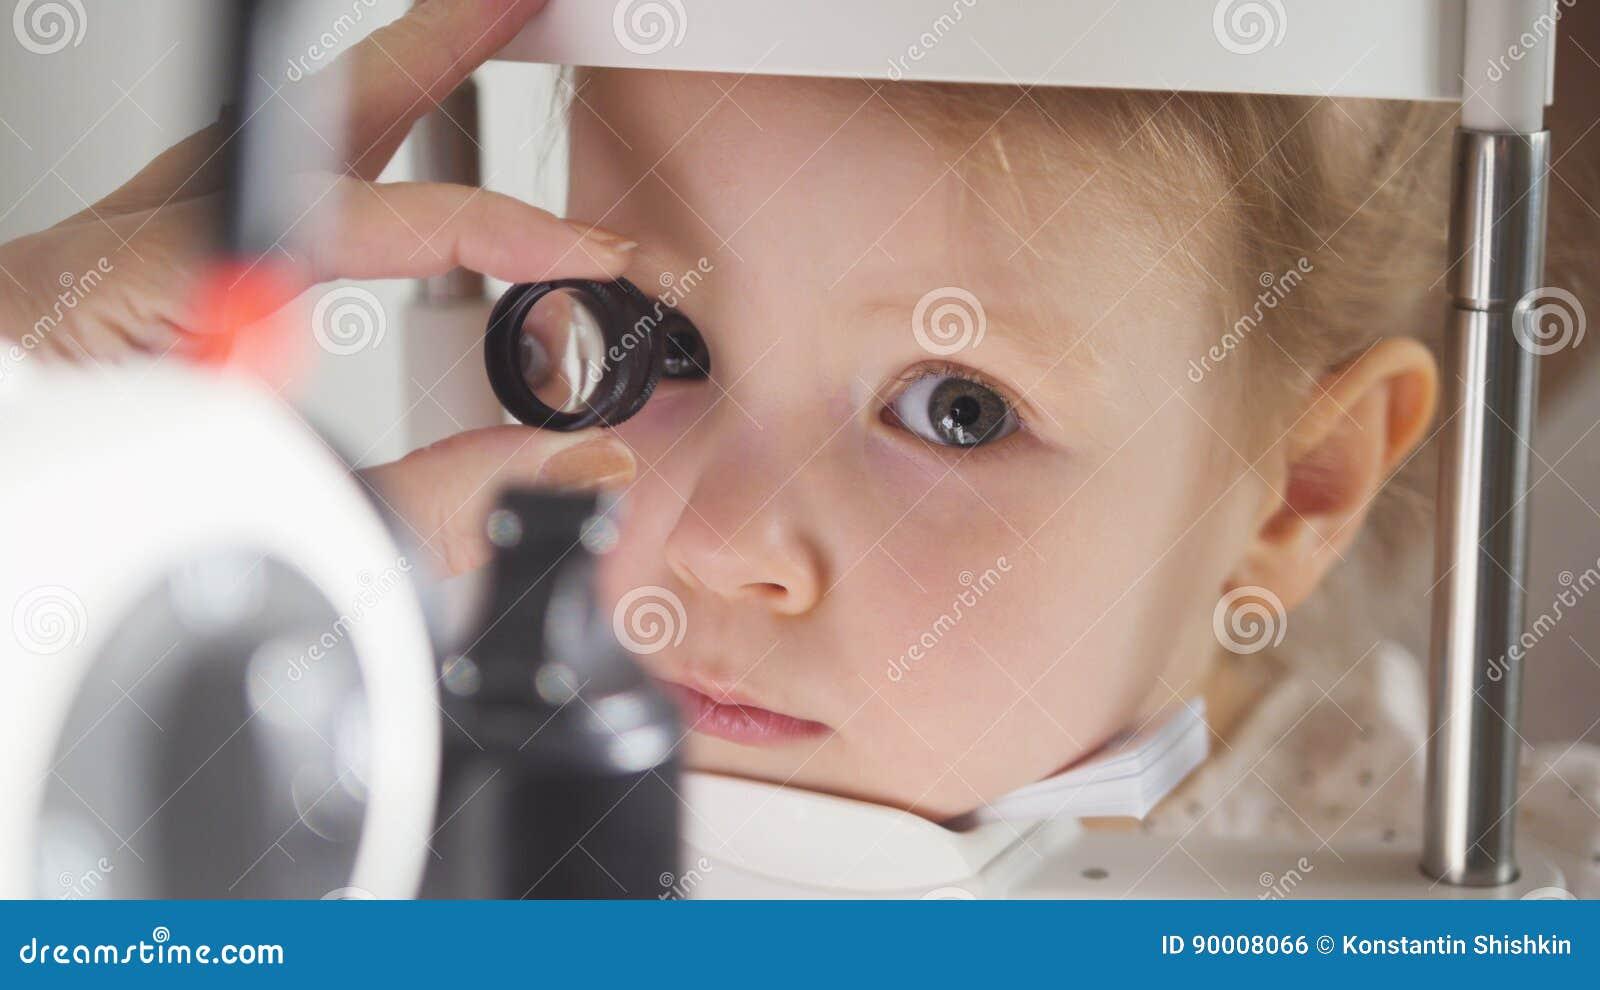 Офтальмология ` s ребенка - optometrist доктора проверяет зрение для маленькой девочки